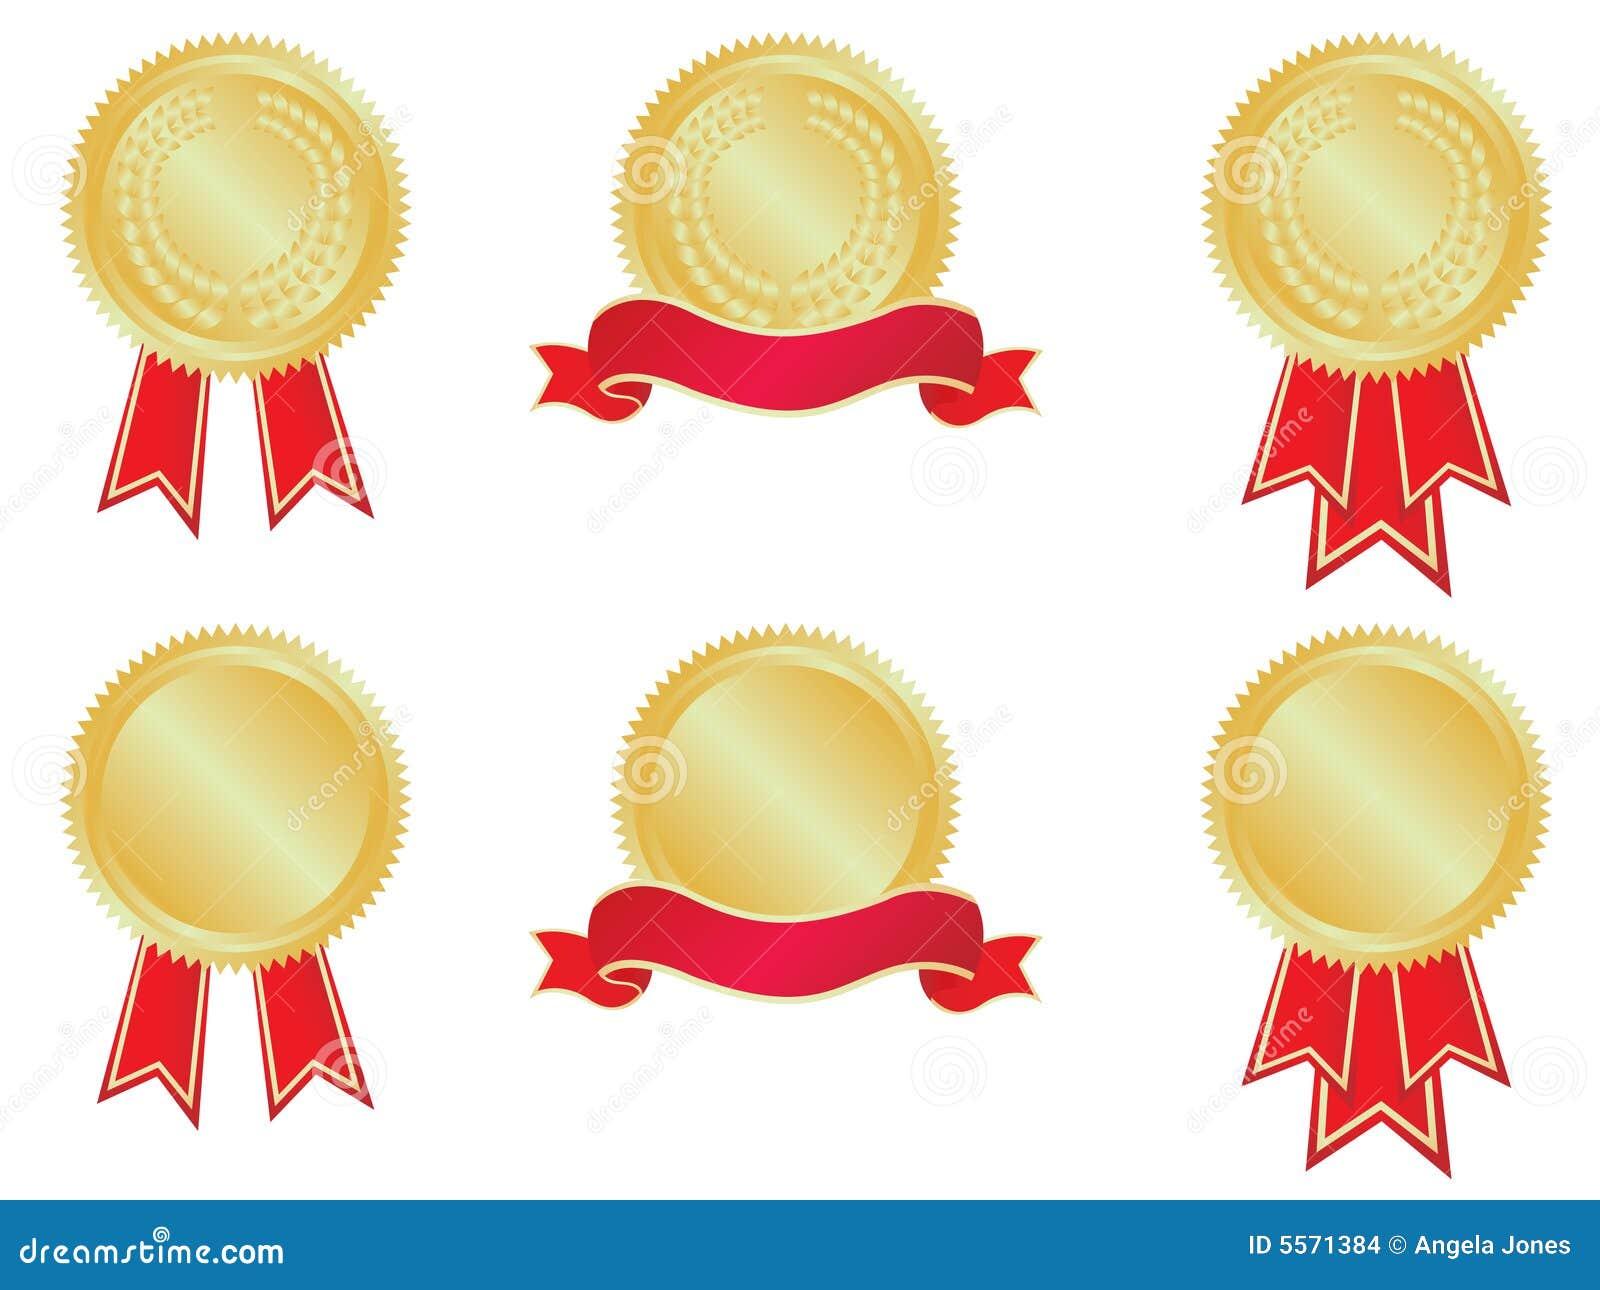 Medaglie e bandiere illustrazione vettoriale immagine di - Immagini pipistrello da stampare ...